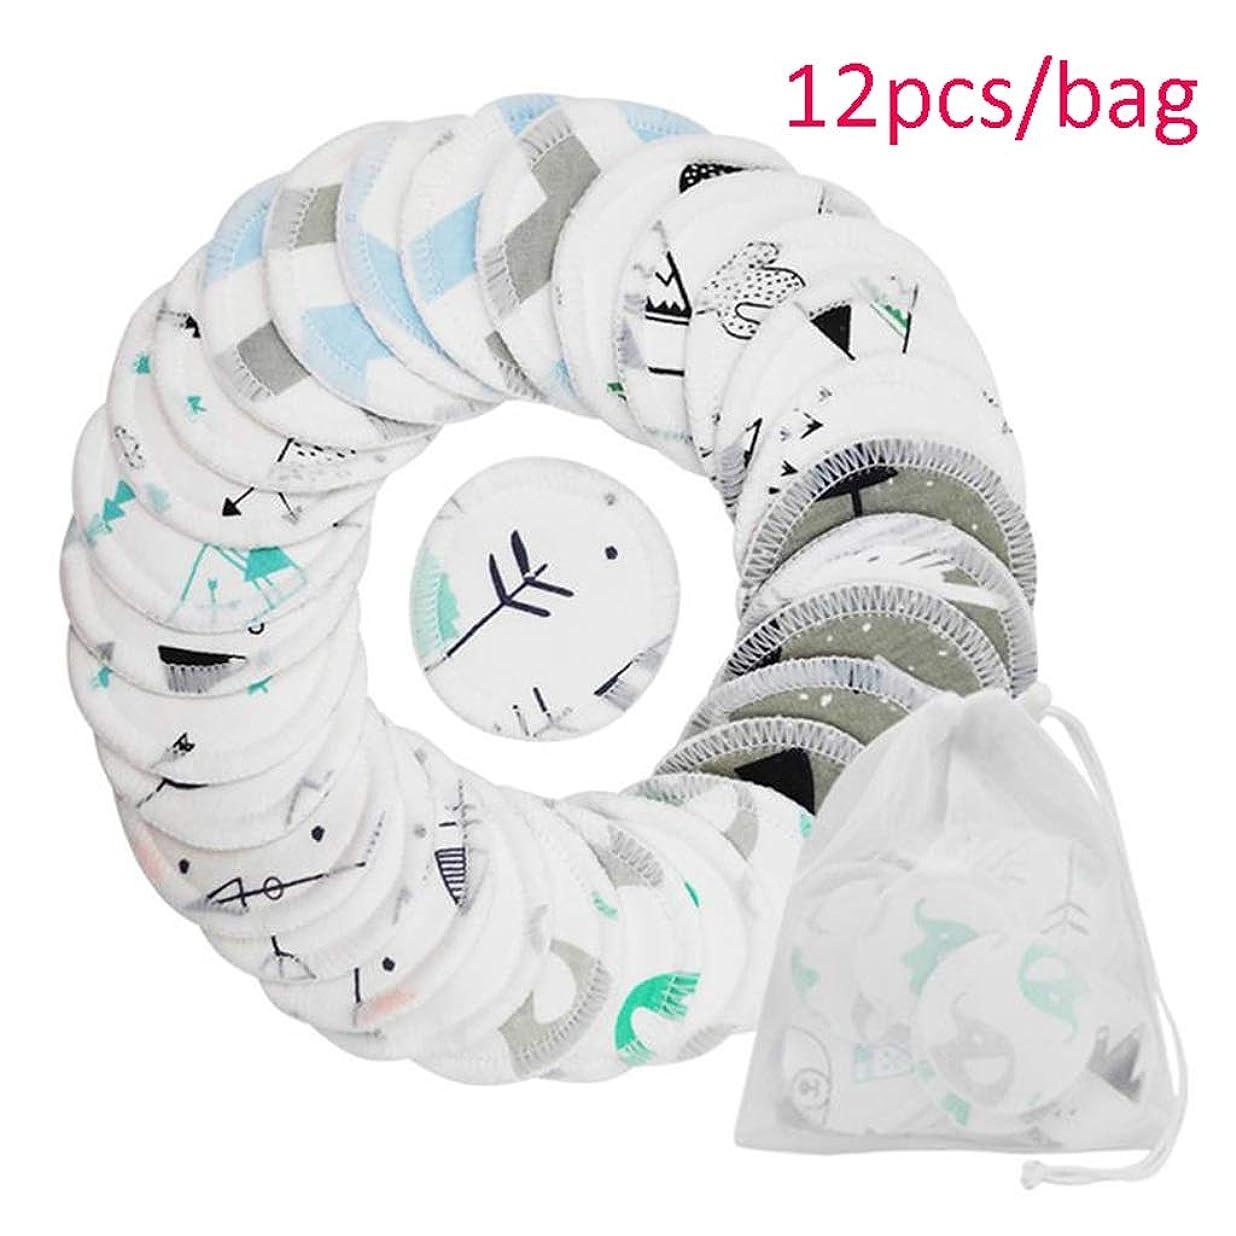 選挙お風呂を持っているグラディスクレンジングシート 再利用可能な洗濯布パッド3層洗える綿ソフトメイクアップリムーバー布用女性の女の子化粧道具 (Color : White, サイズ : A(12pcs/bag))